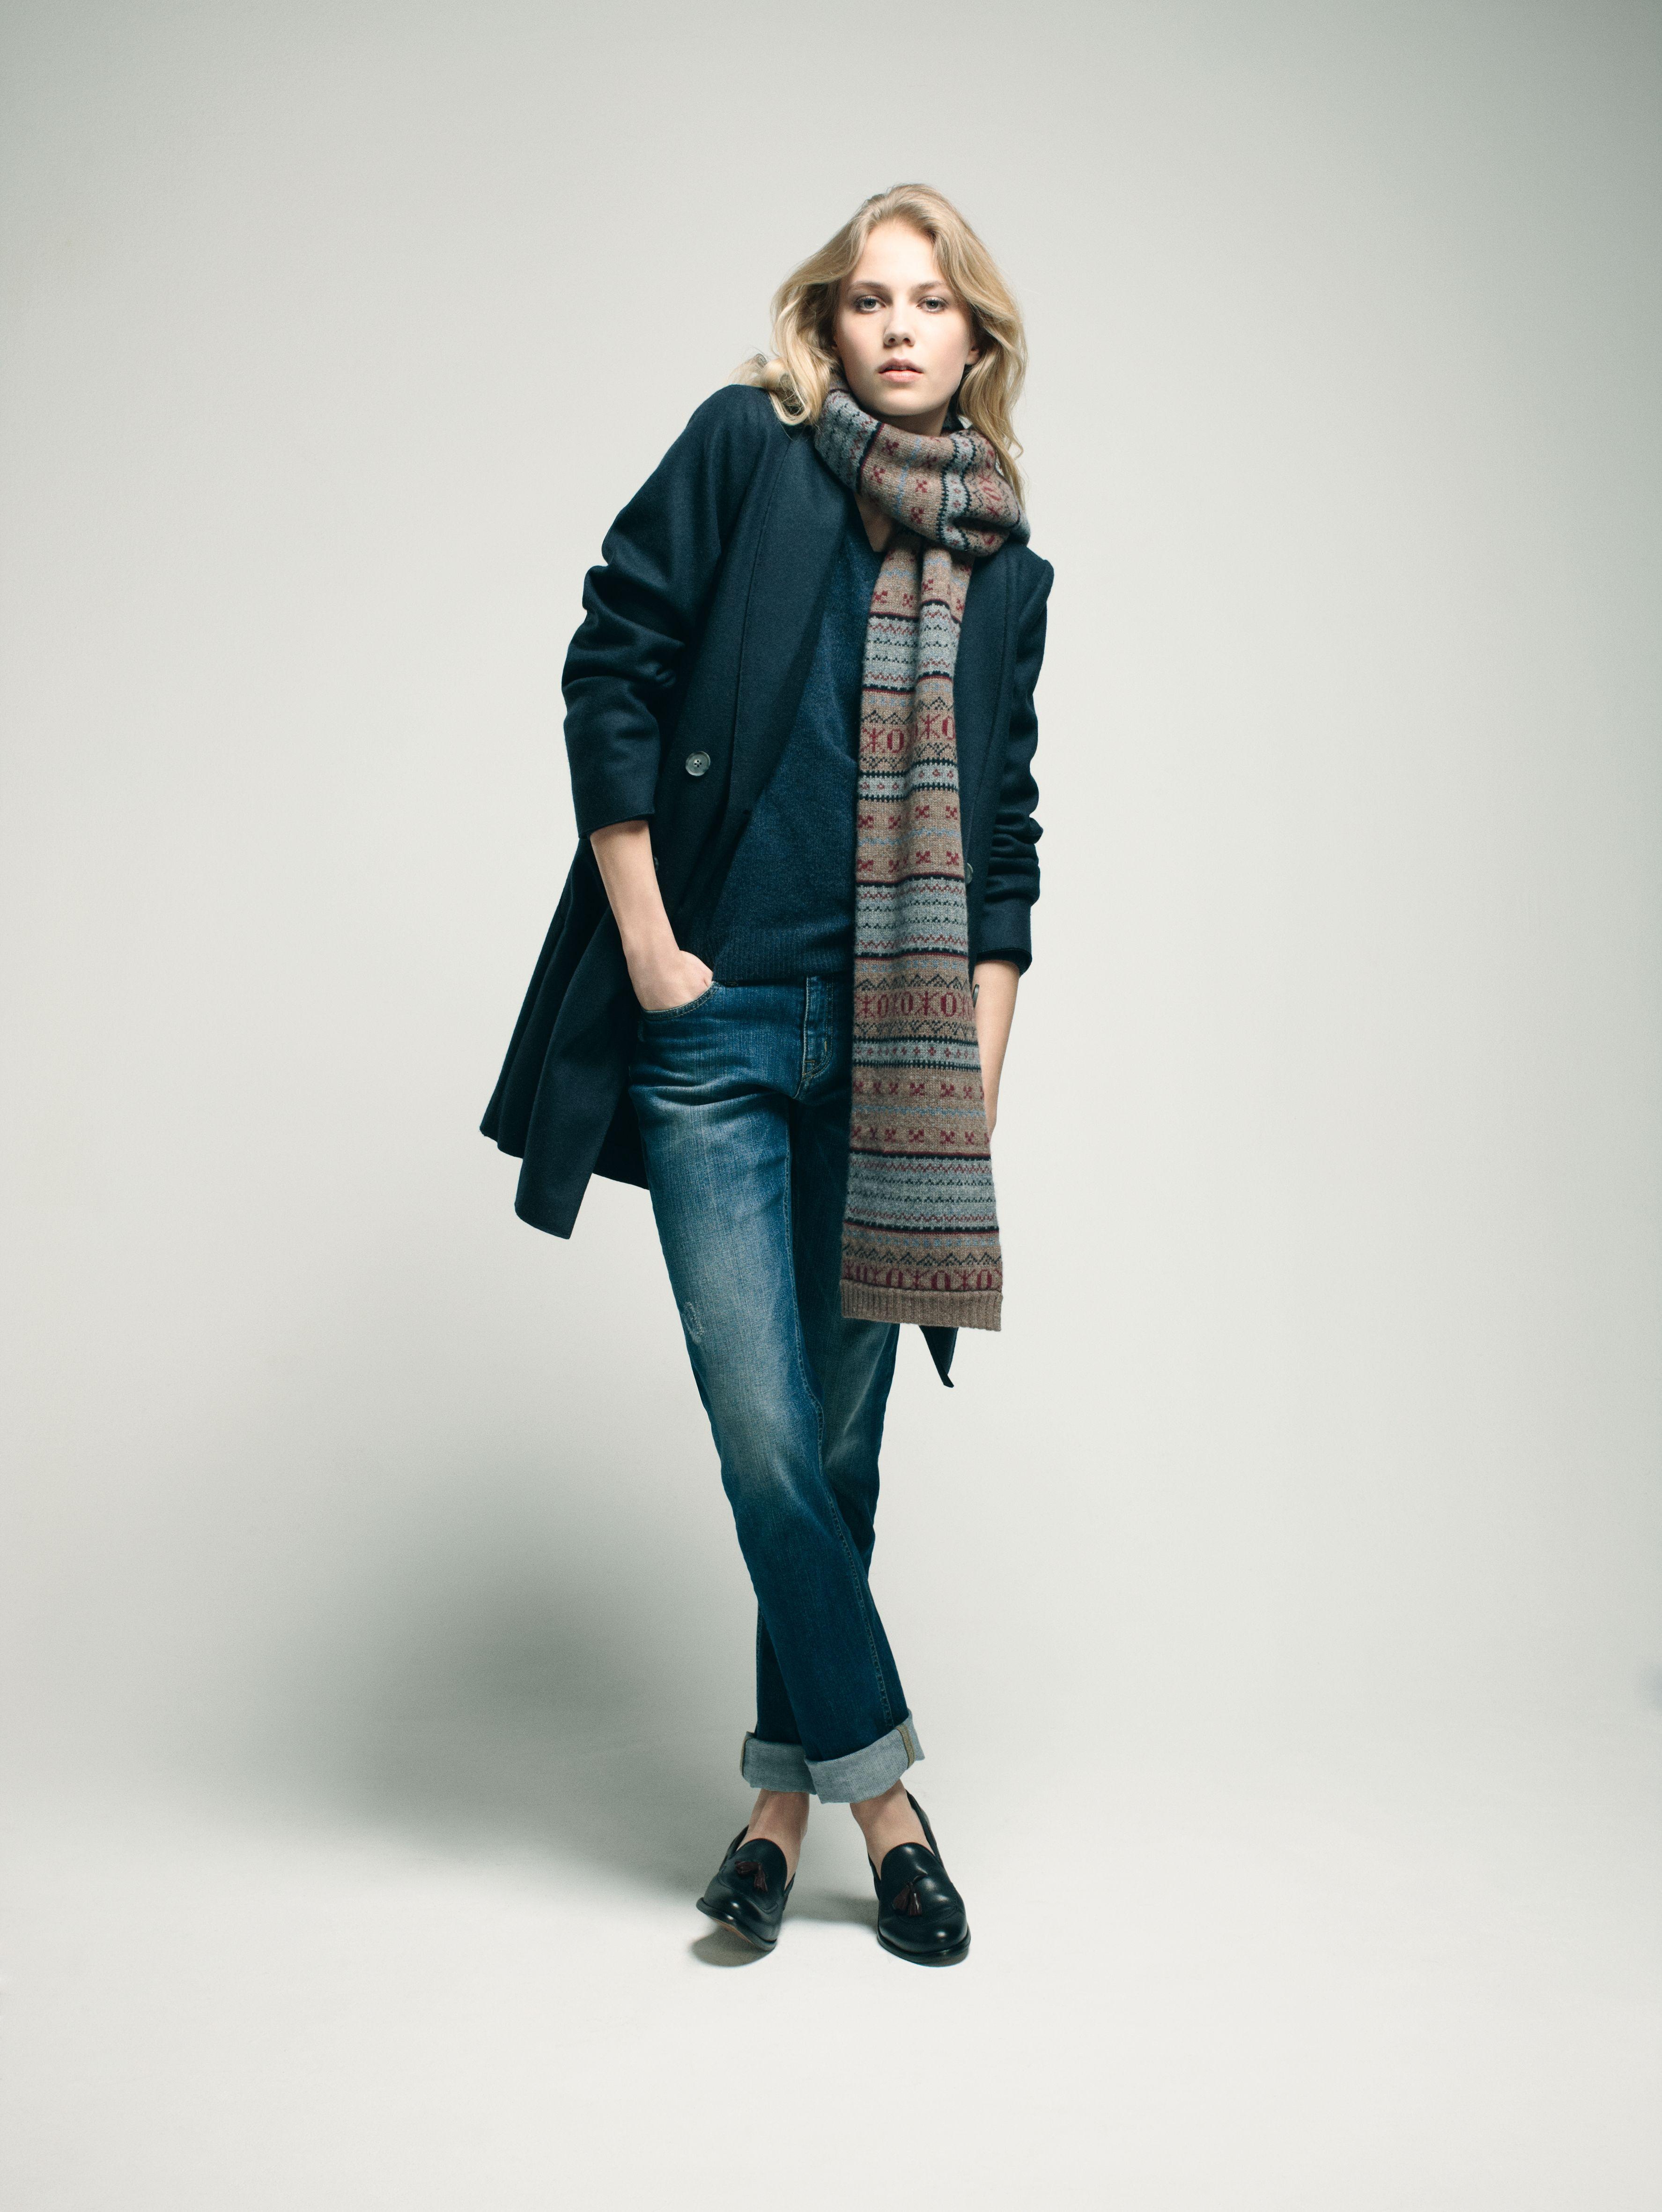 Eden Park – Look Femme   Woman Manteau en laine et polyamide, pull col V en  laine mérinos extrafine, jean 5 poches, écharpe jacquard en laine,  mocassins en ... de4fc5c4f99